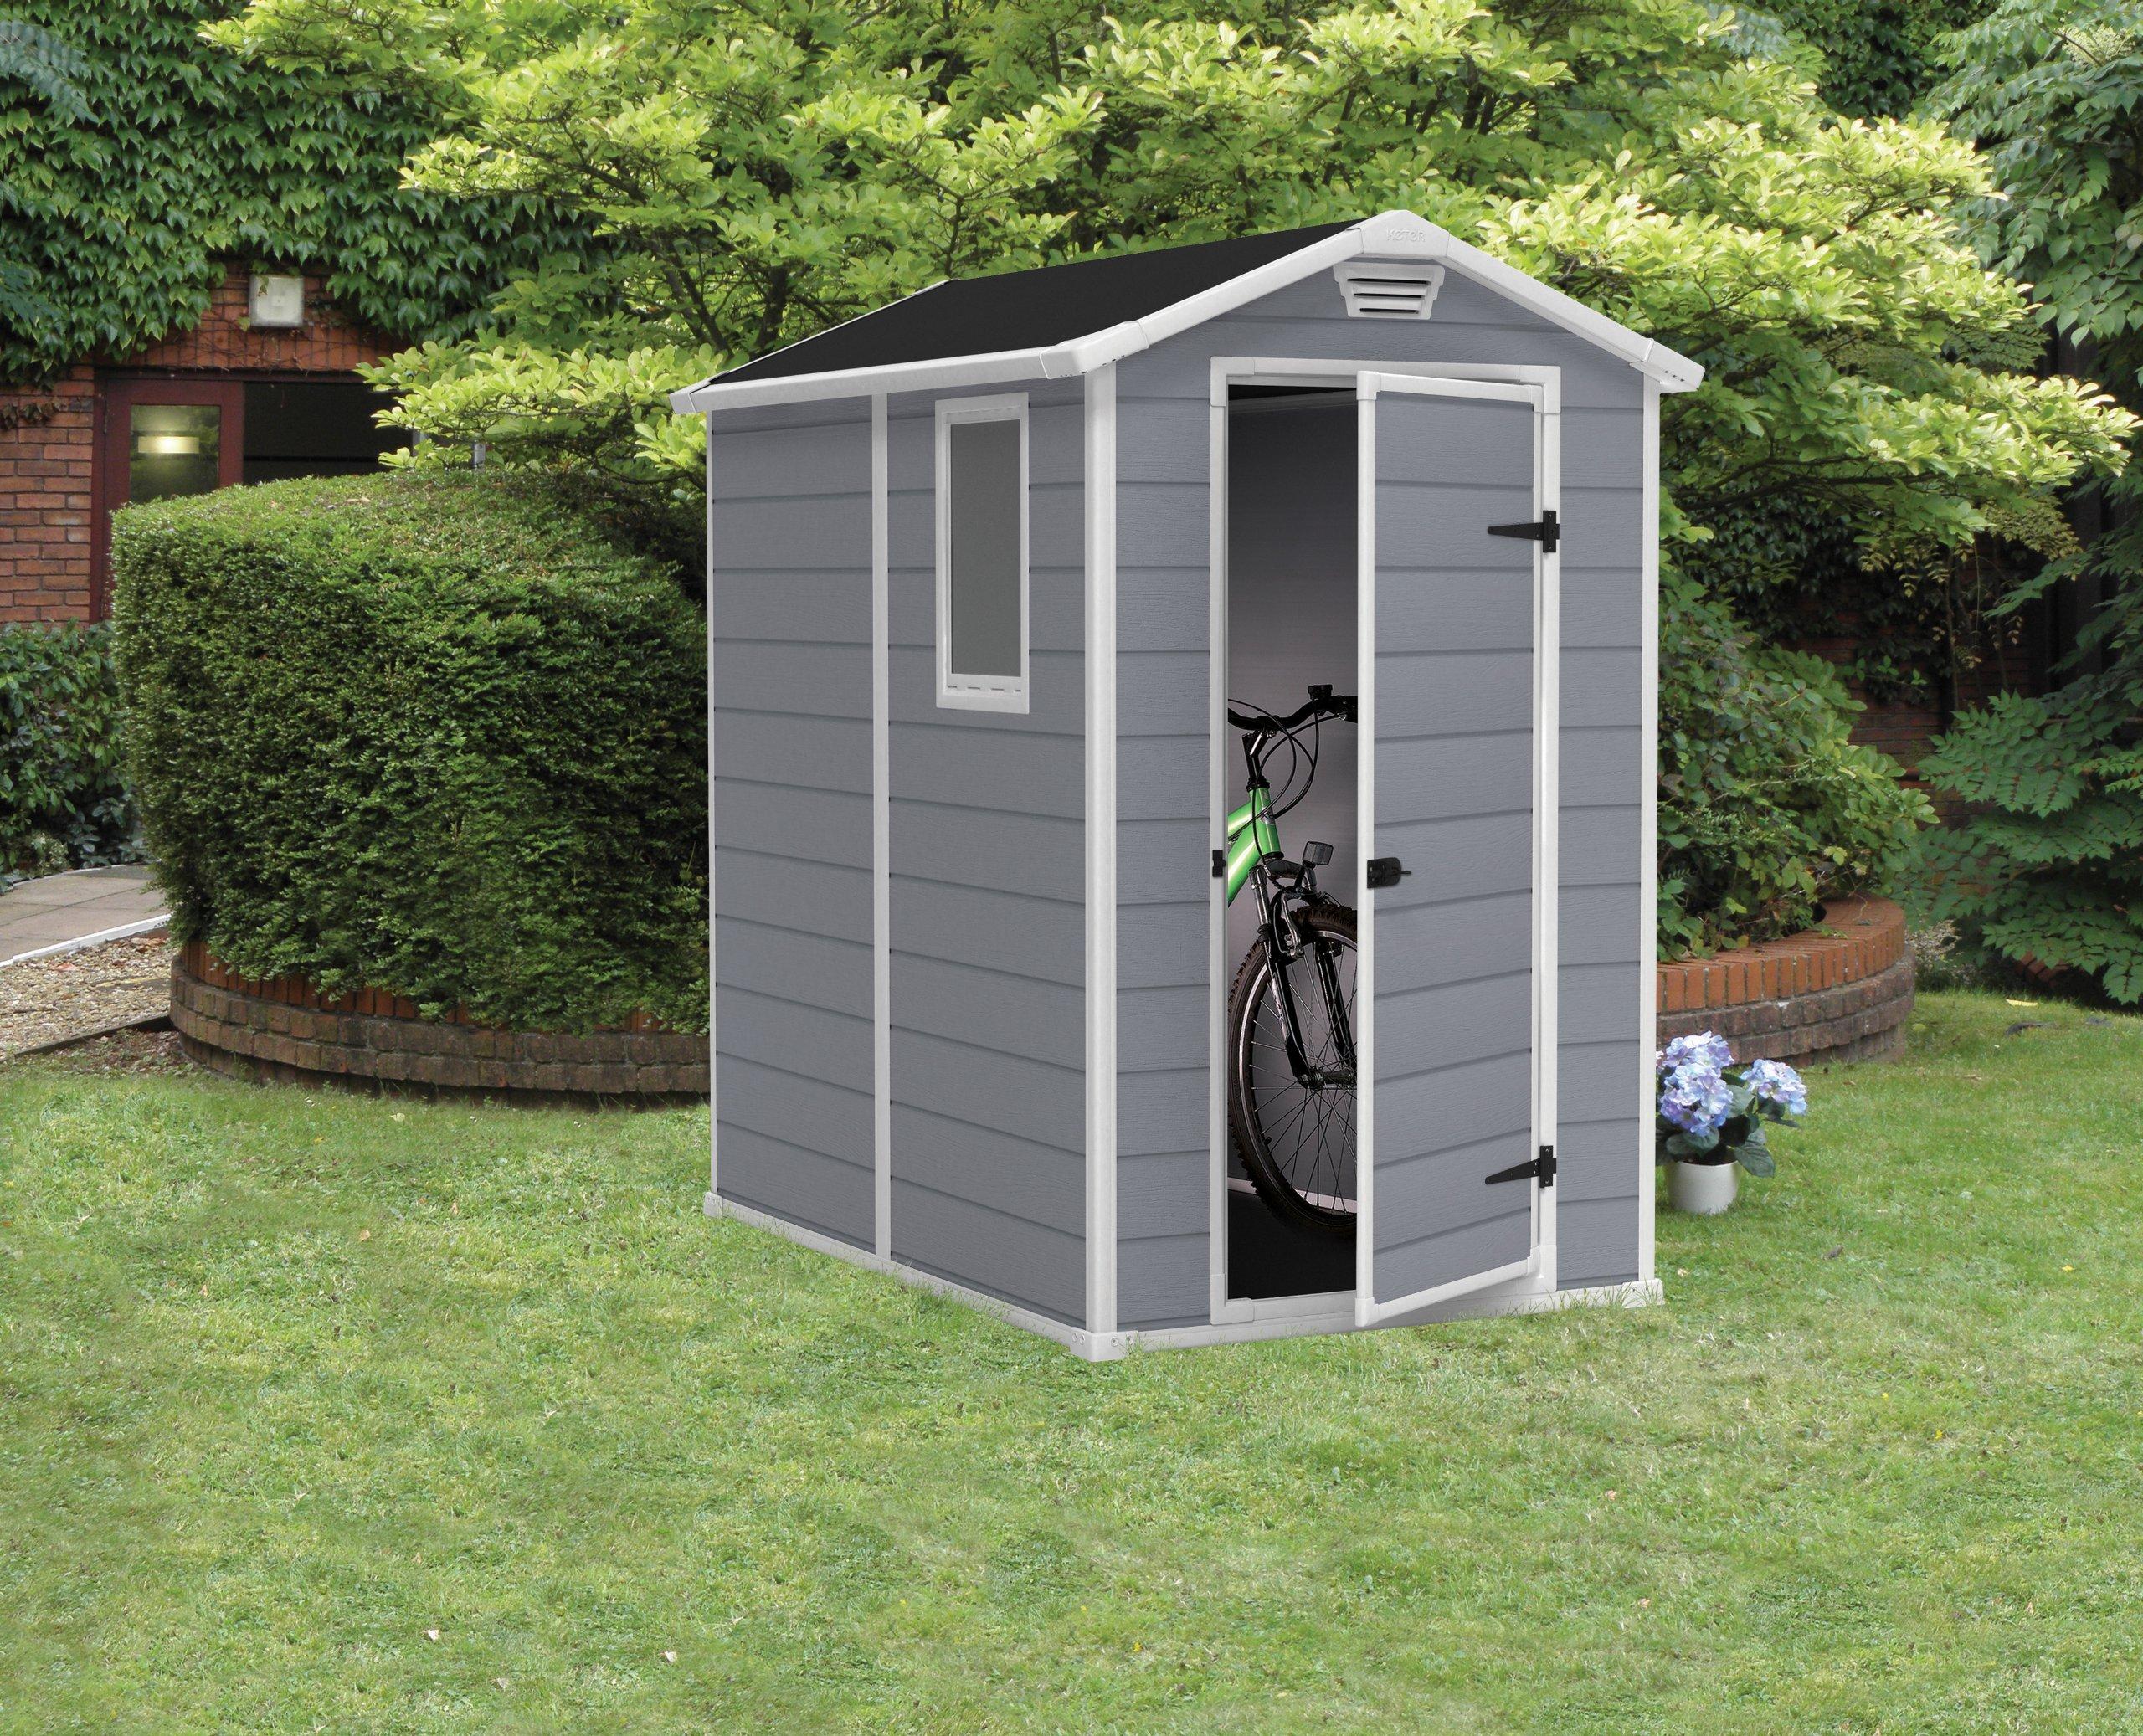 Keter Manor 4X6 S Shed- Caseta de jardín, con suelo, sistema de ventilación, puerta y ventana, resistente al agua, color gris: Amazon.es: Jardín